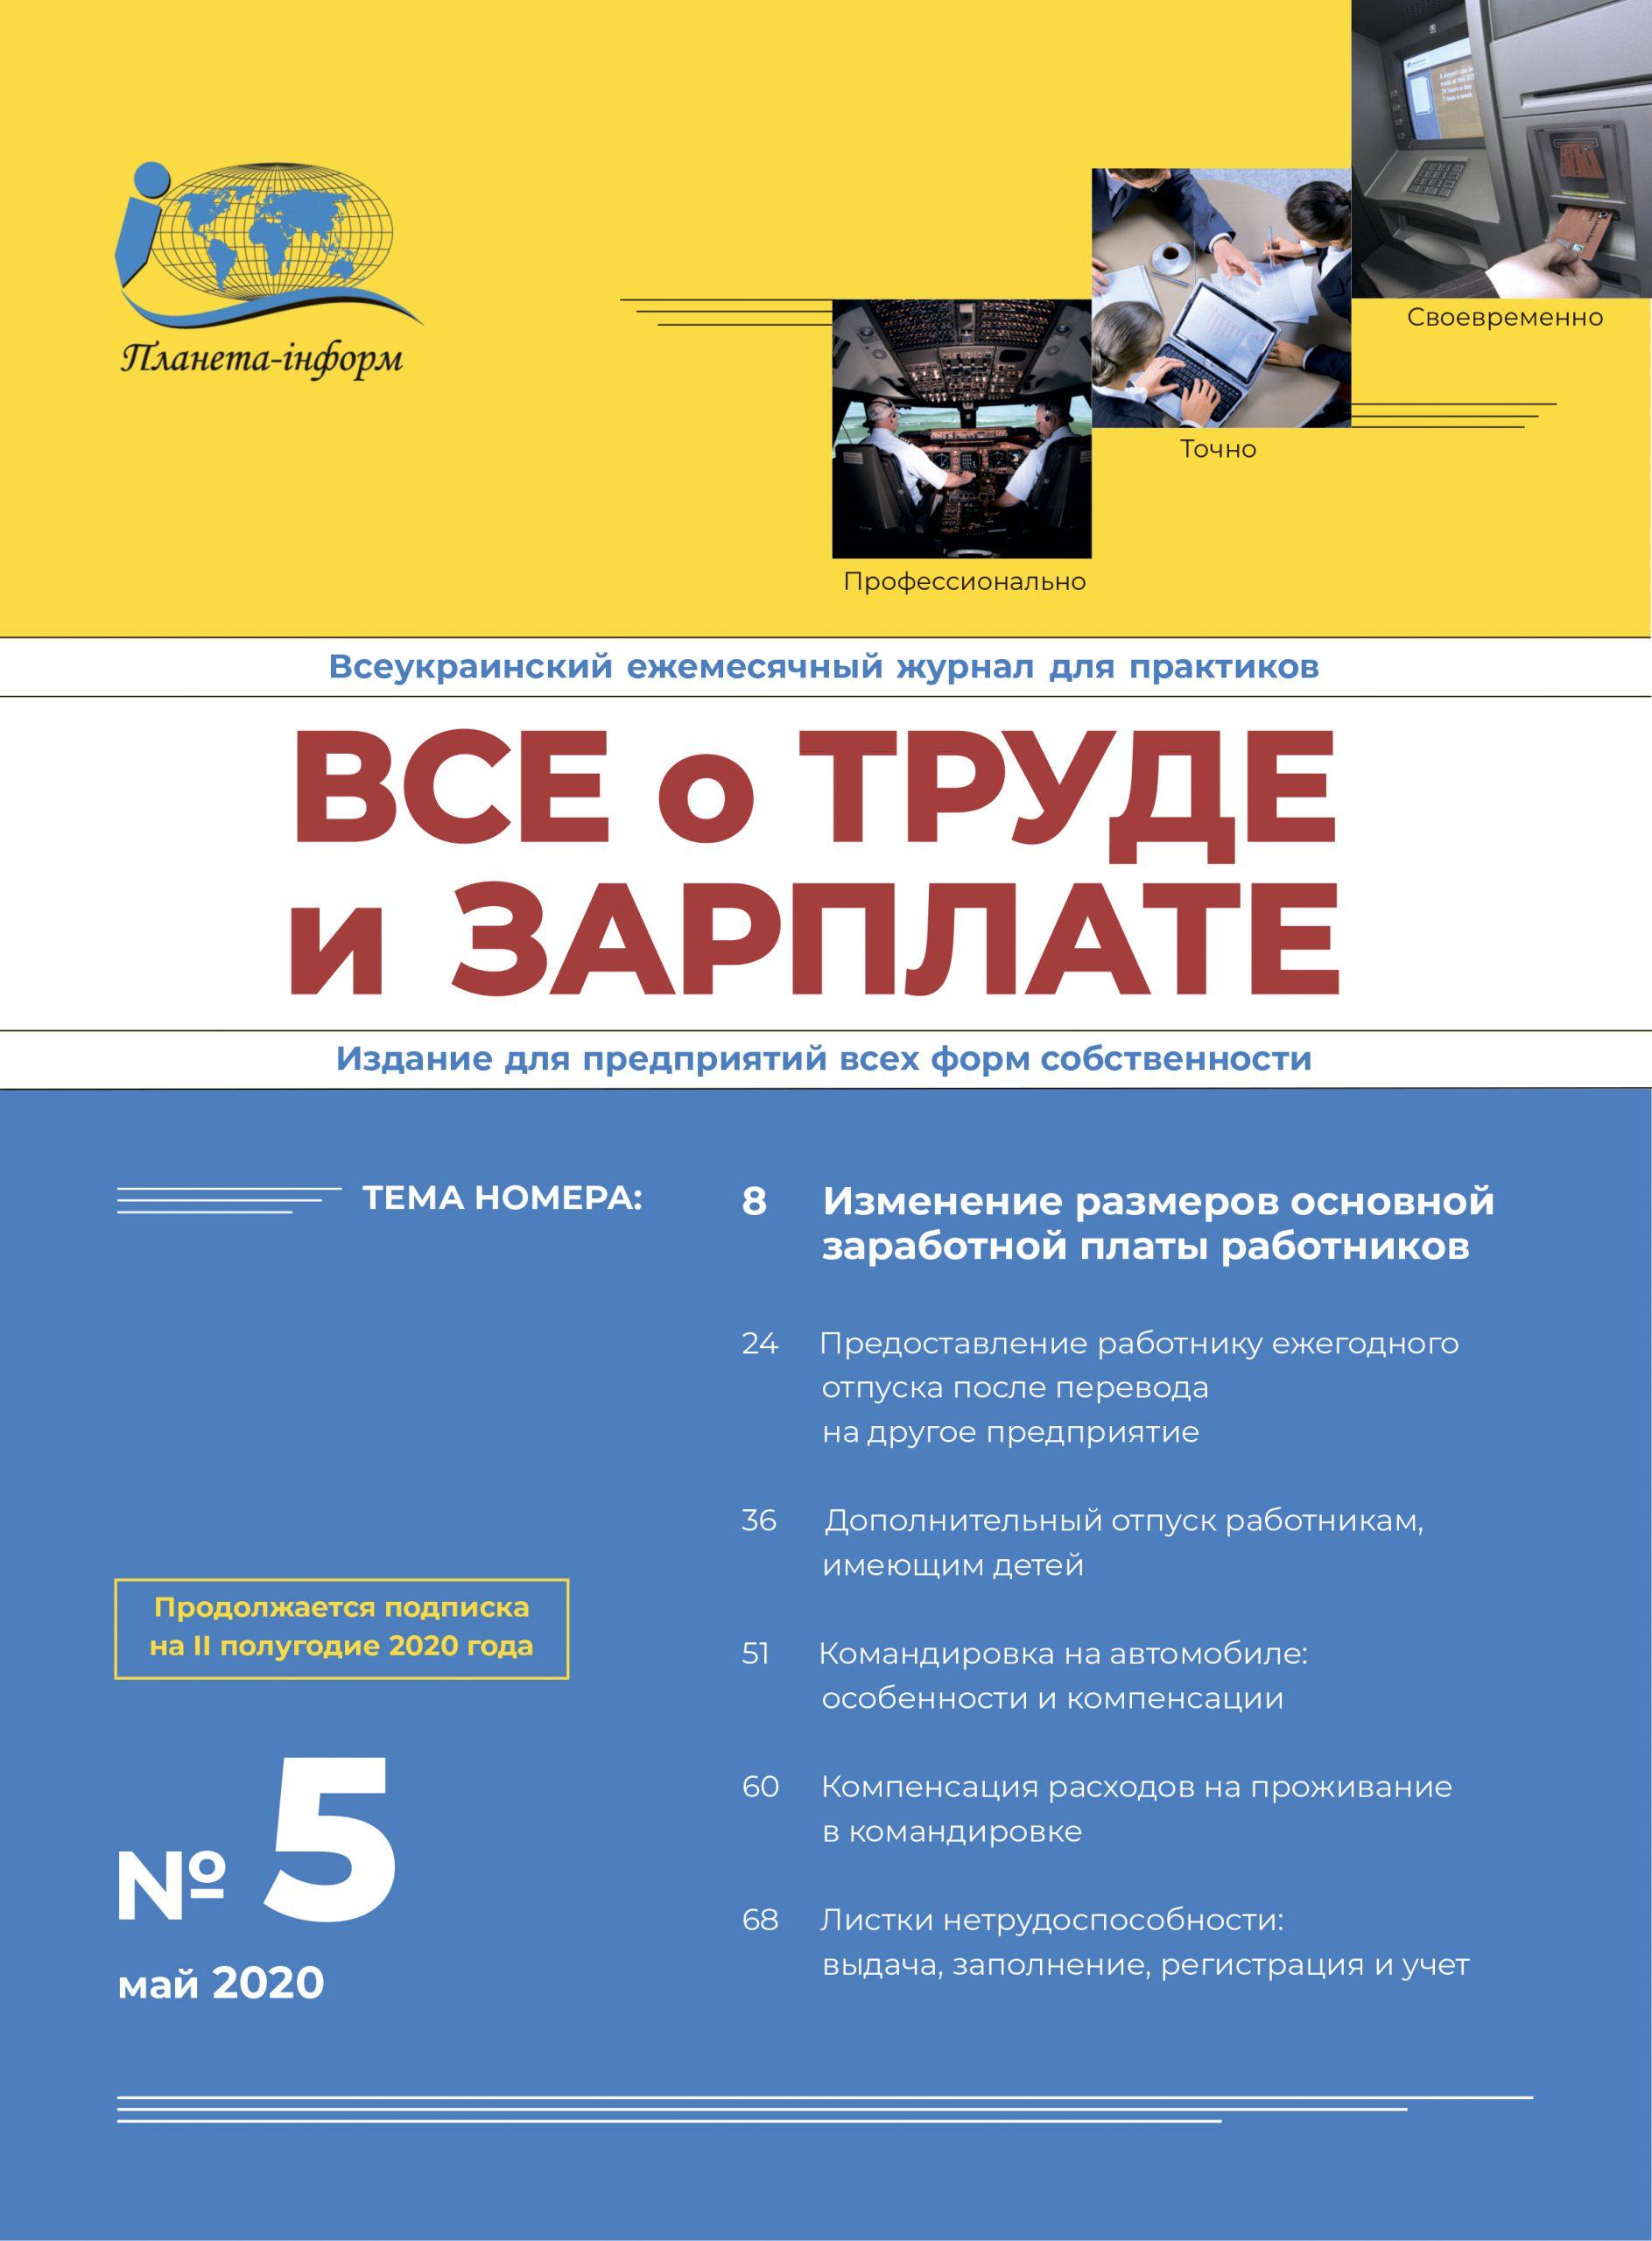 Журнал «Все о труде и зарплате» № 5/2020